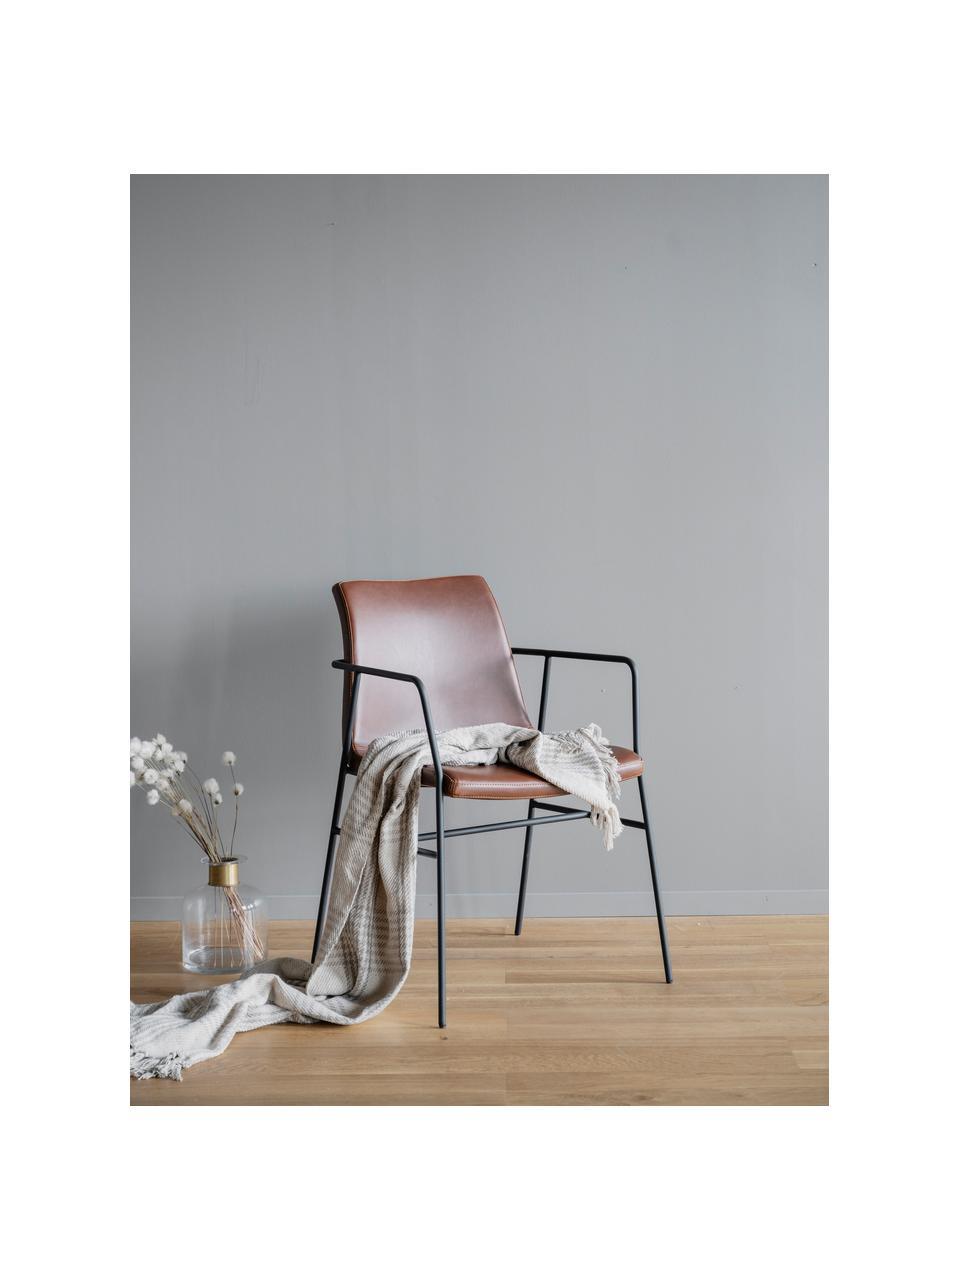 Krzesło ze sztucznej skóry z podłokietnikami Huntington, 2 szt., Tapicerka: sztuczna skóra, Stelaż: drewno warstwowe, Nogi: metal powlekany, Brązowy, czarny, S 54 x G 58 cm